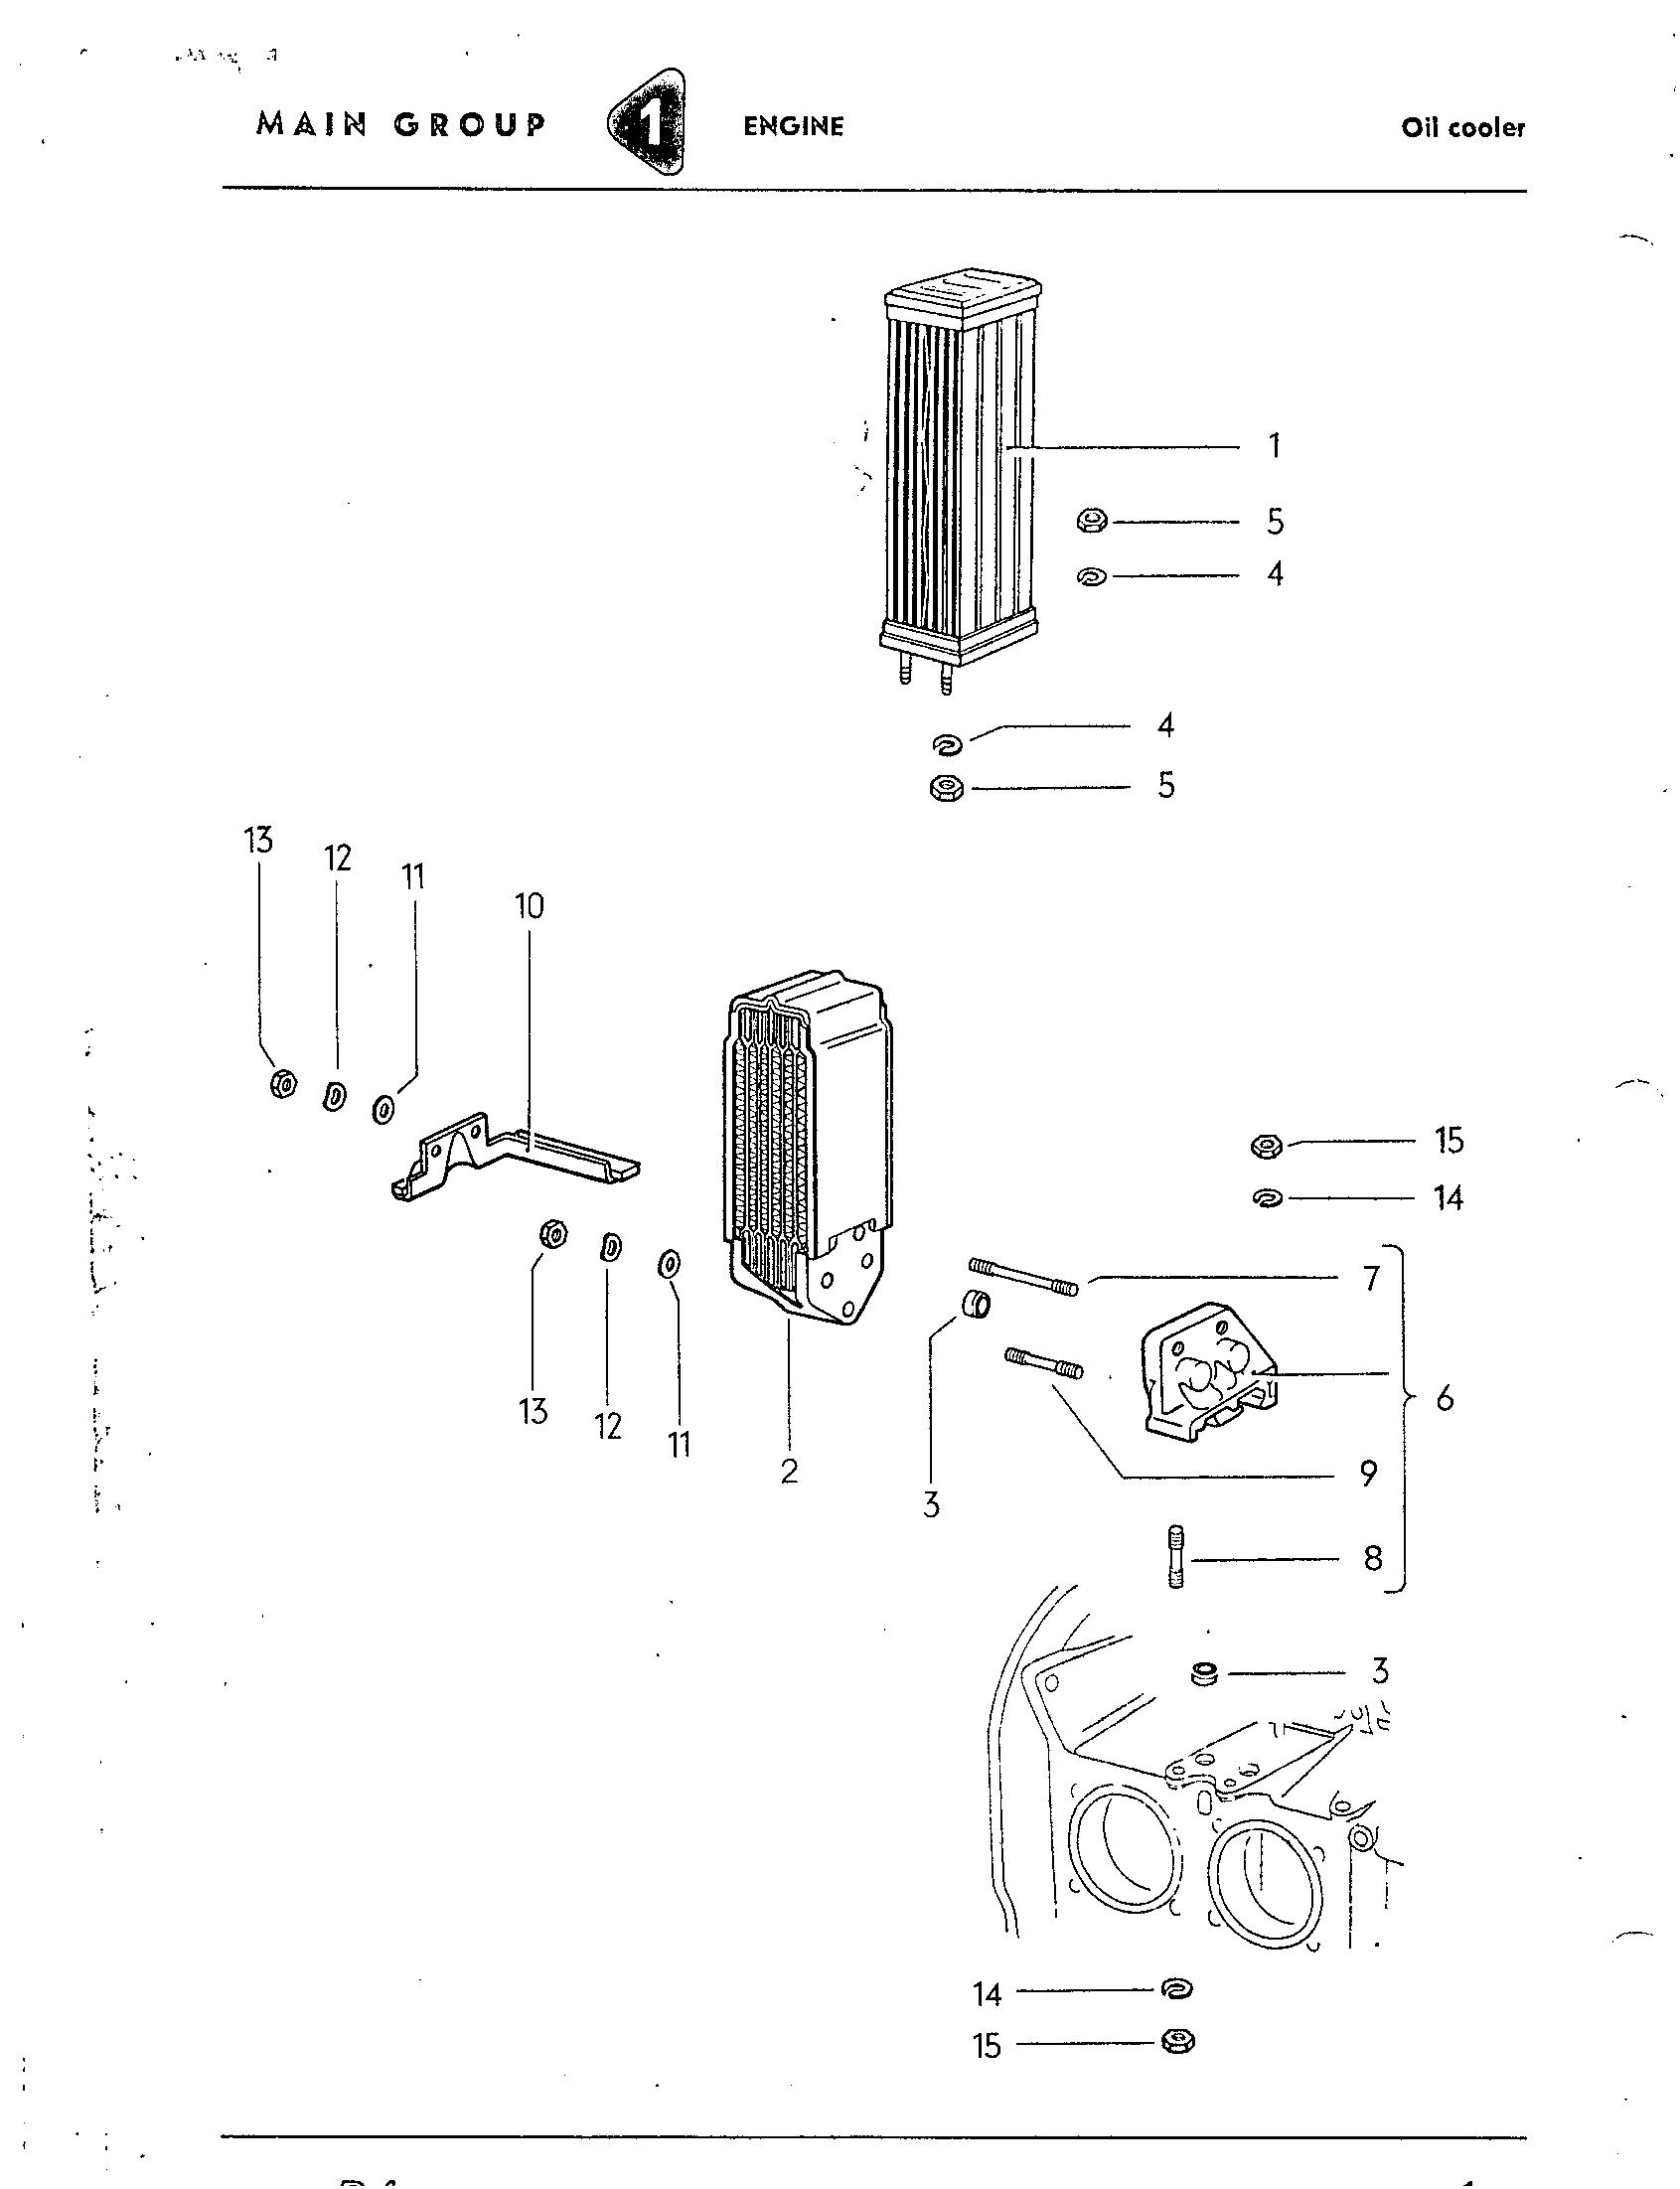 velosolex wiring diagram wiring diagram online Hyosung Wiring Diagram solex 28 pict adjustment wiring diagram database bmw wiring diagram velosolex wiring diagram